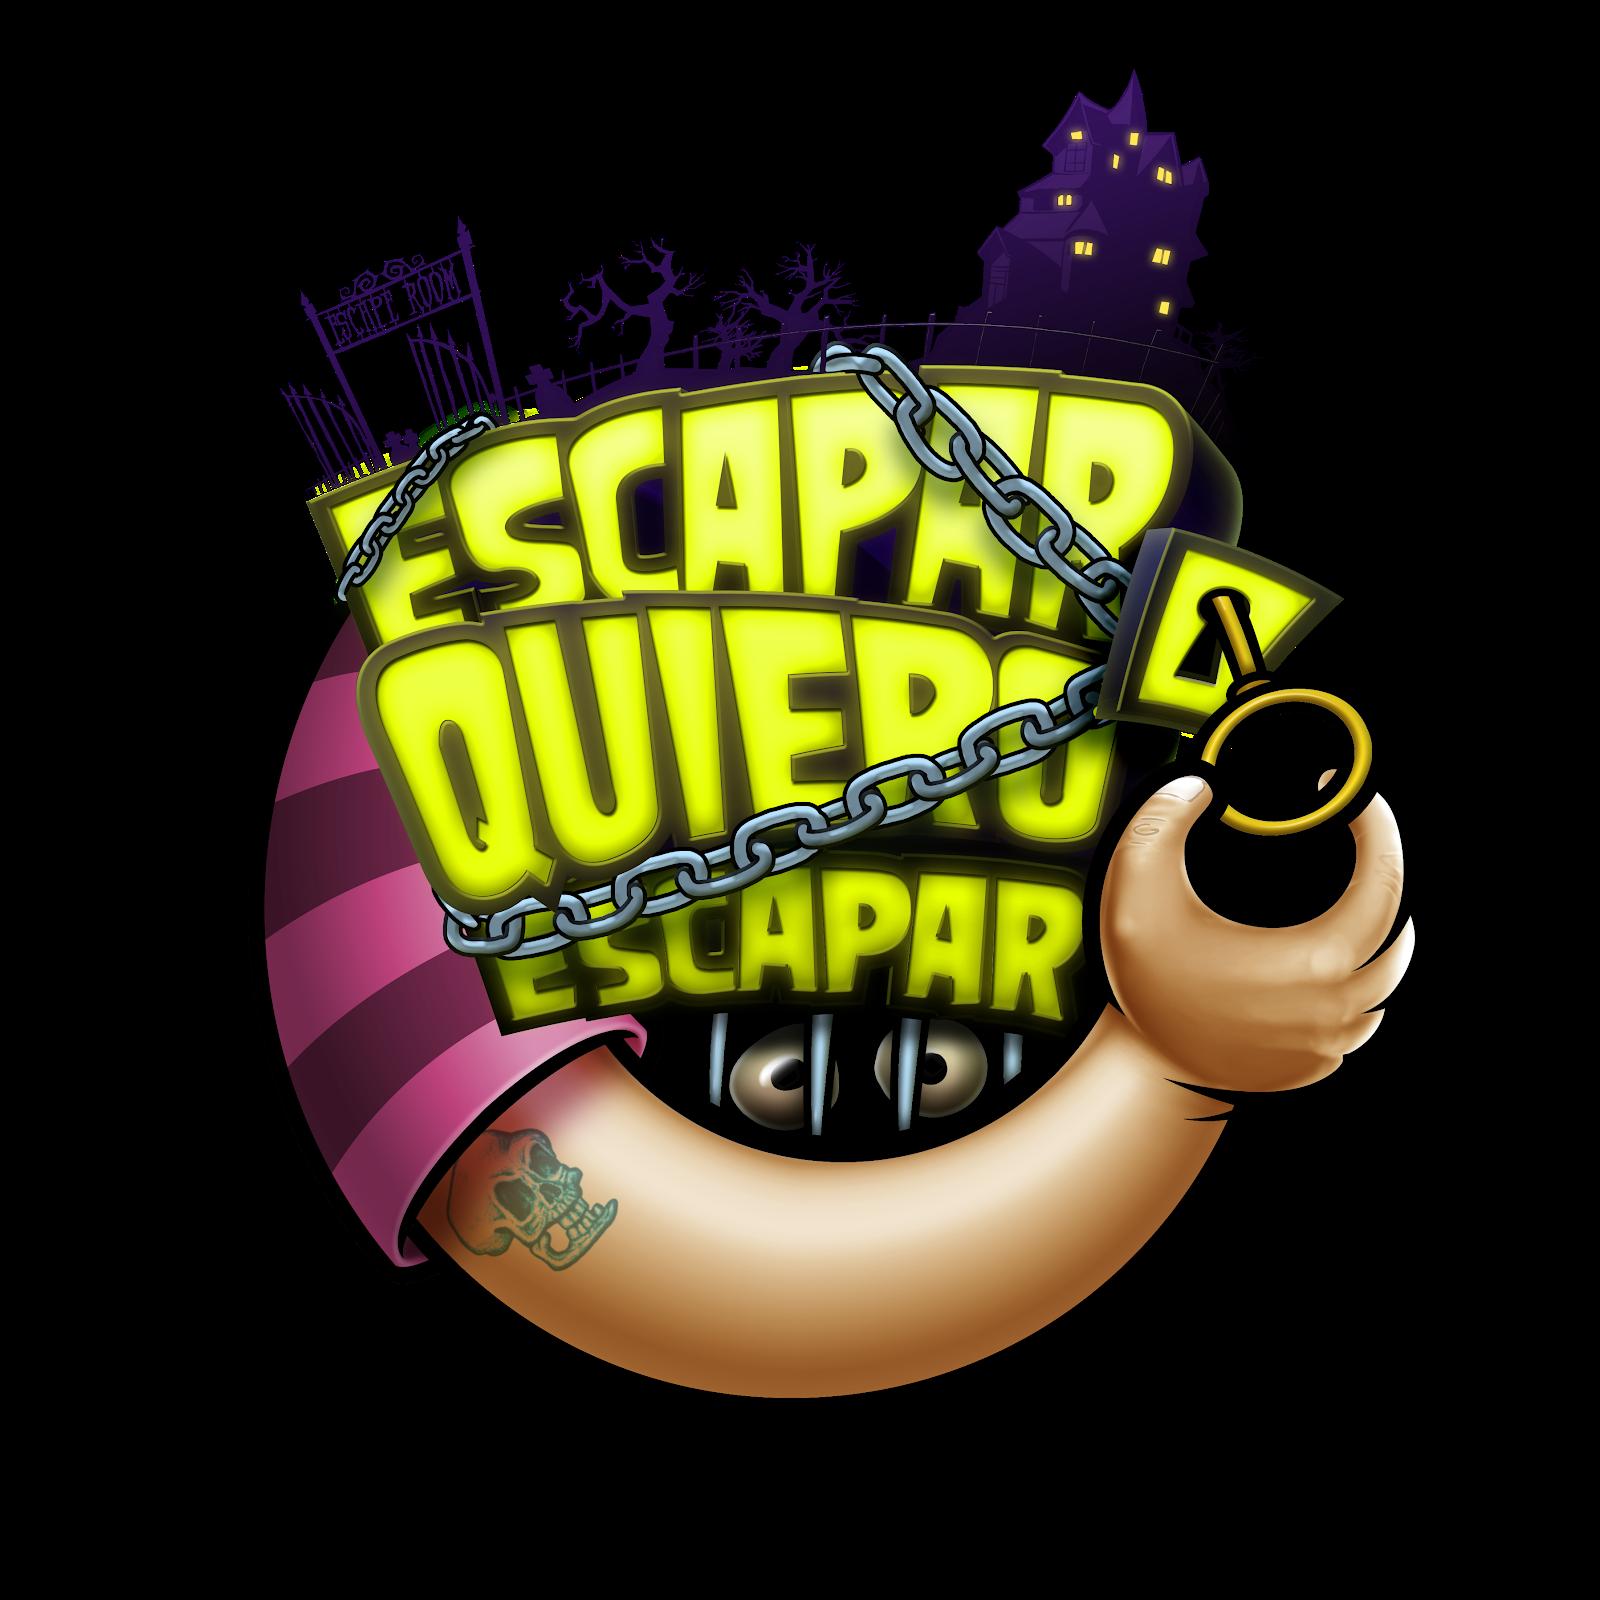 Escapar, quiero escapar